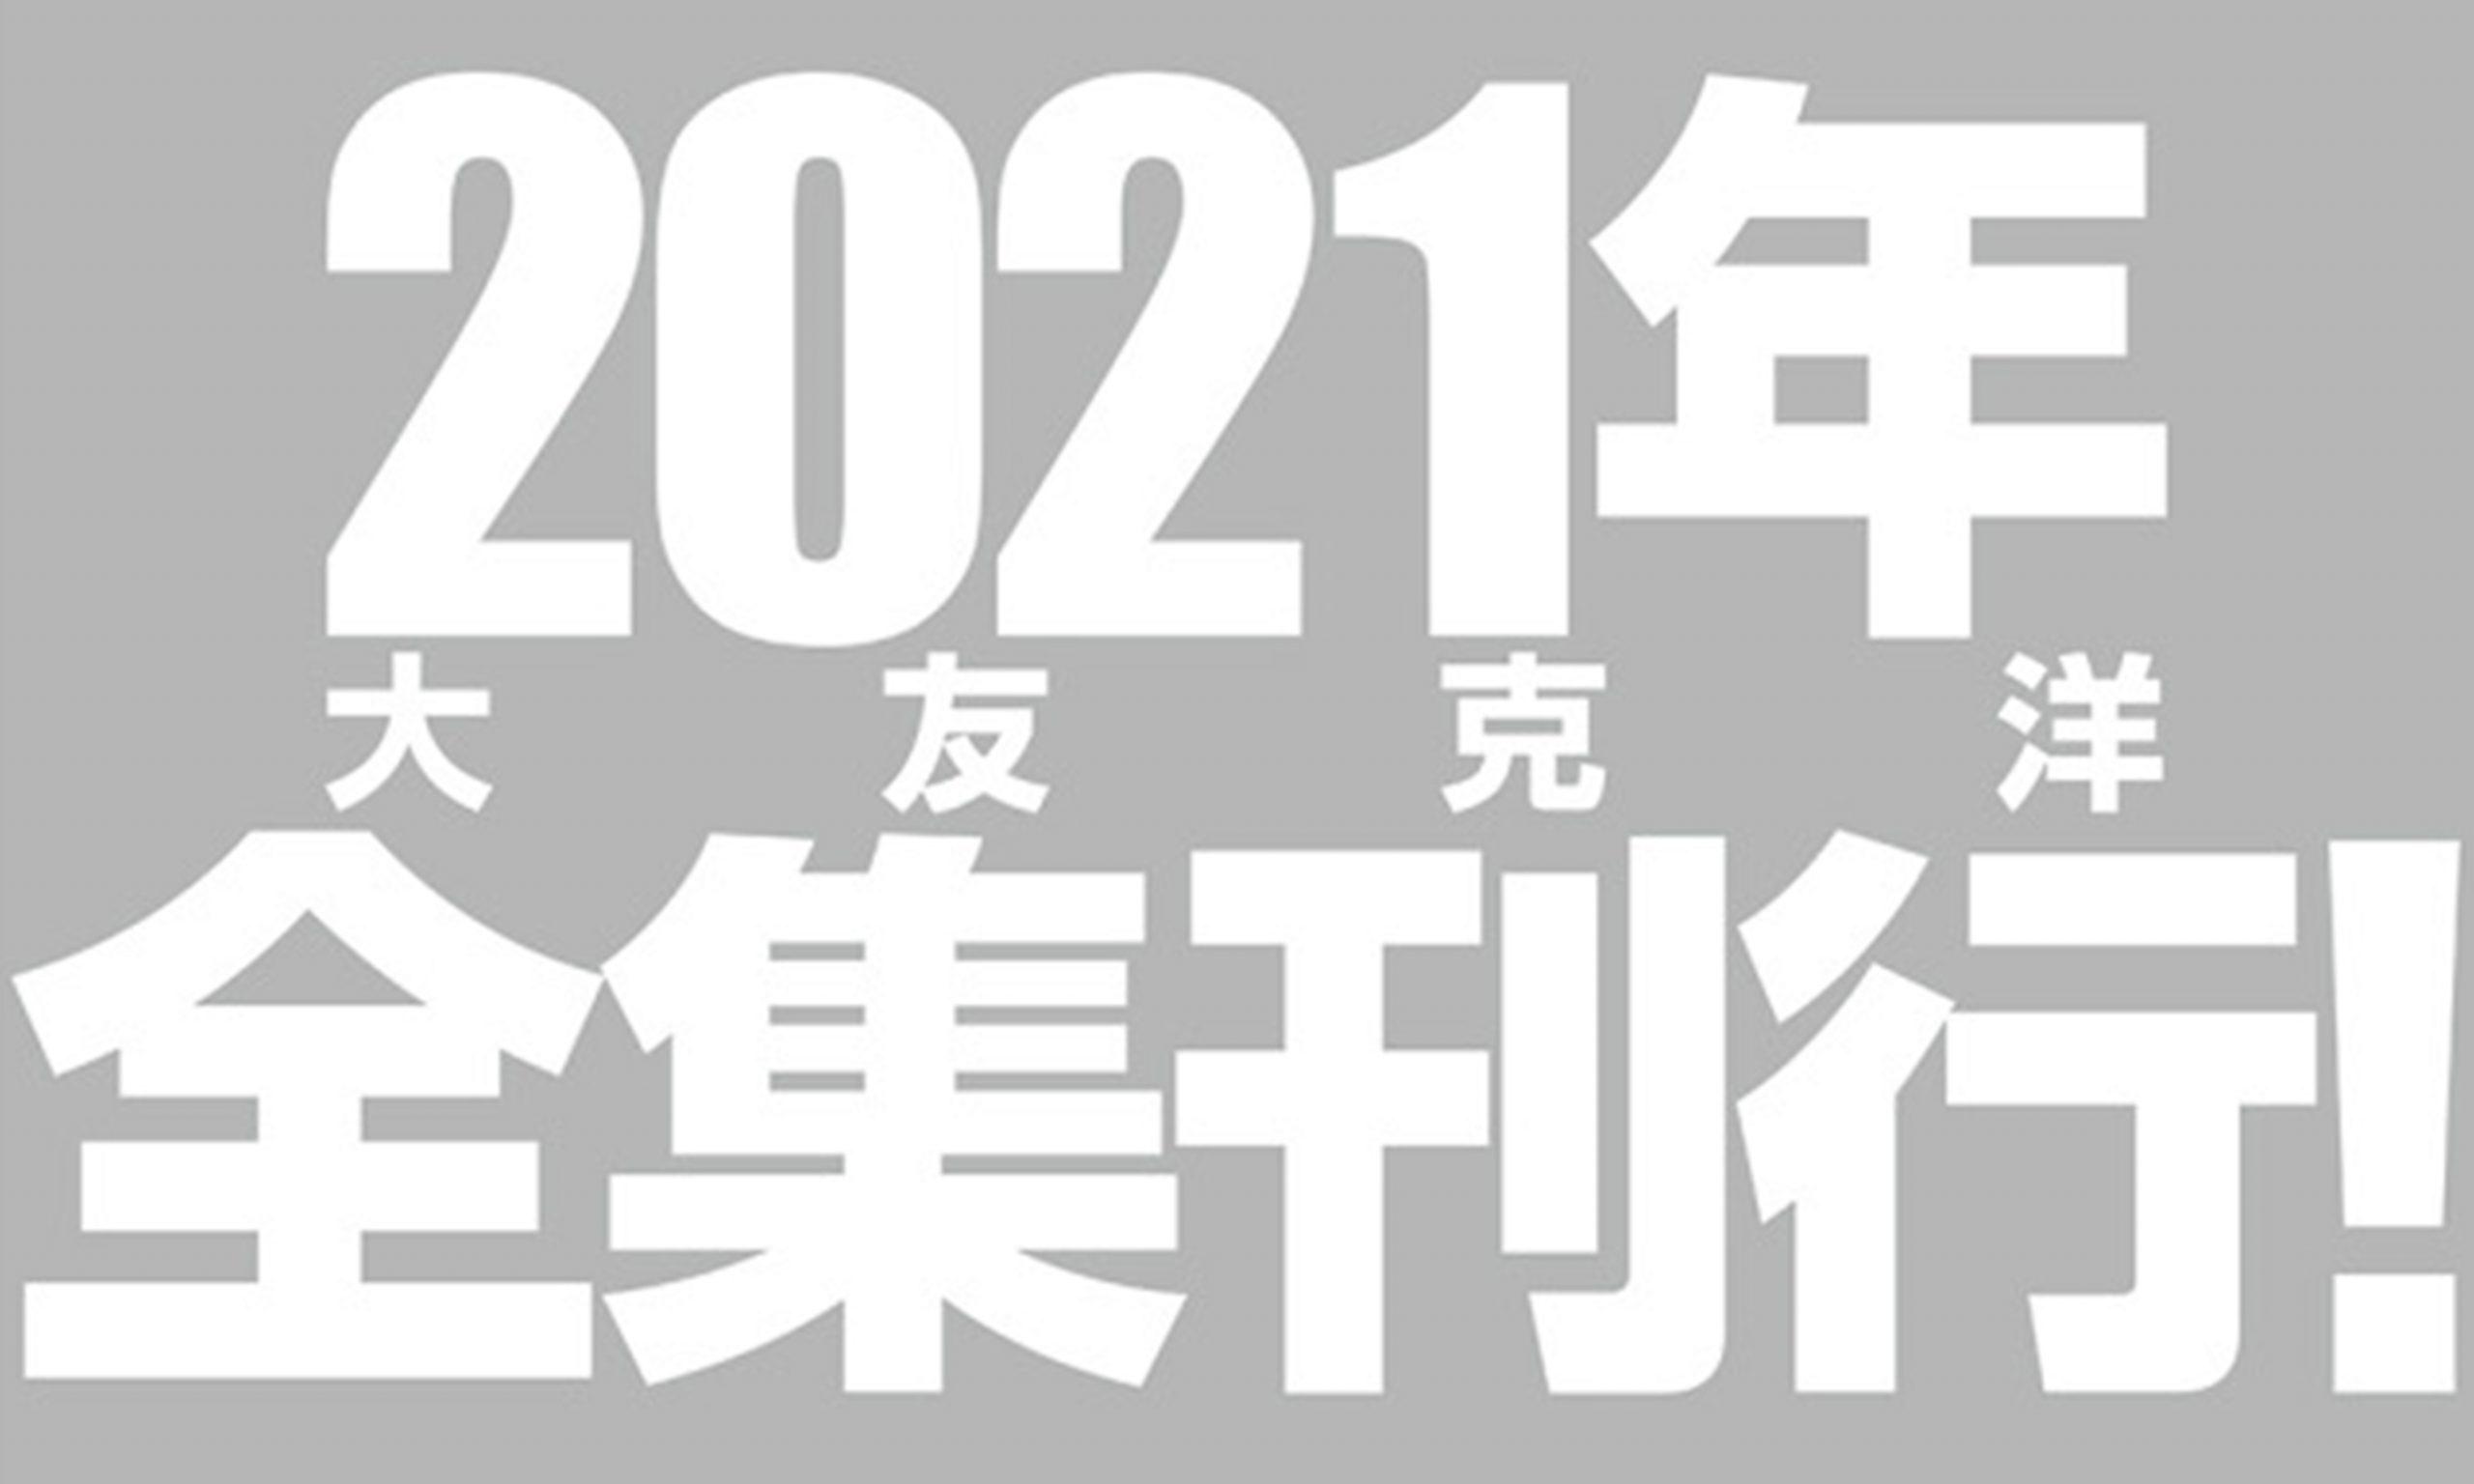 「漫画大师」大友克洋将推出 2021《大友克洋全集》漫画,且收录出道经典之作